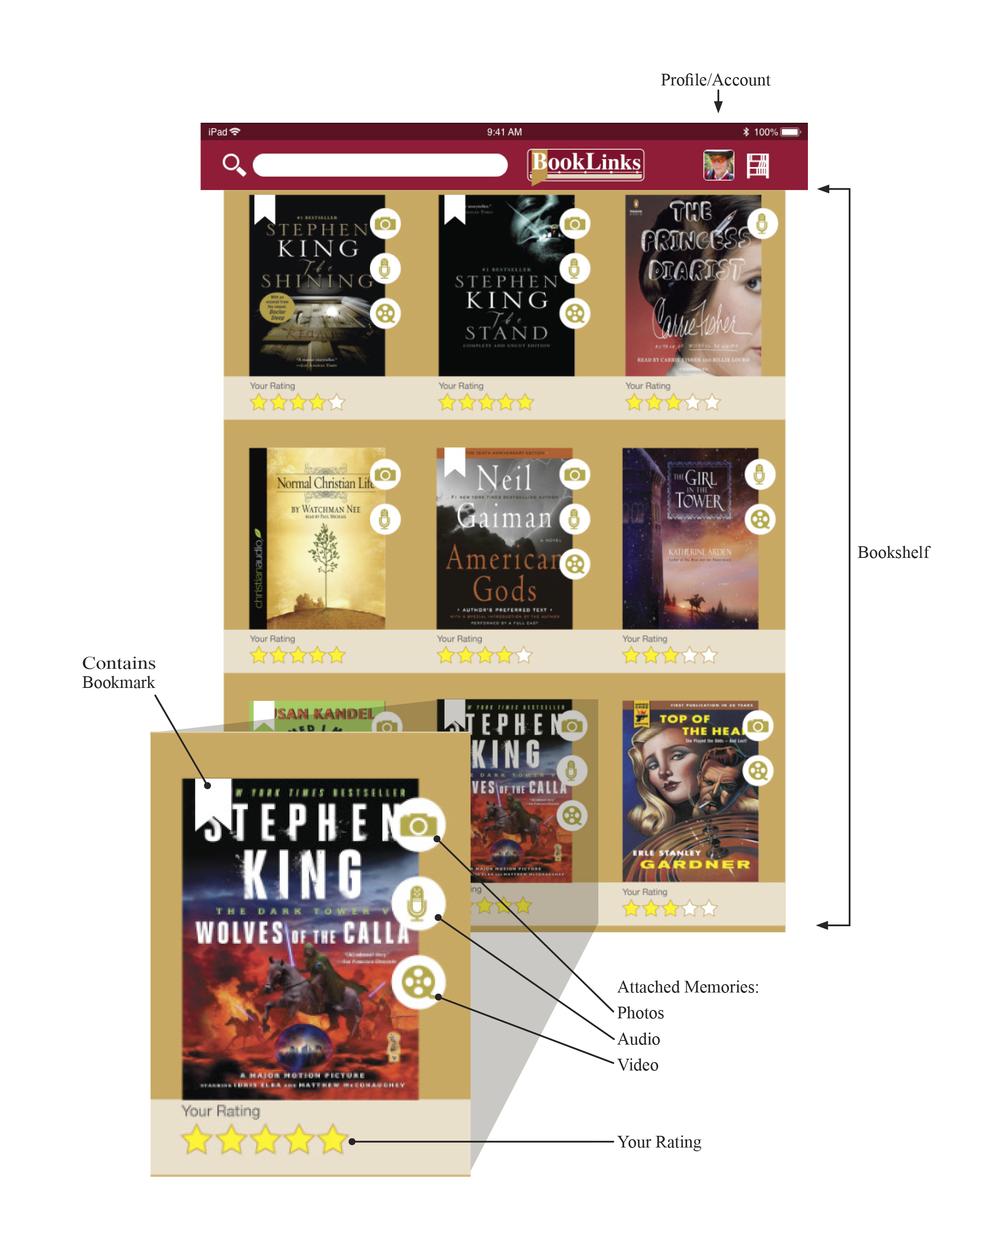 Bookshelf Page